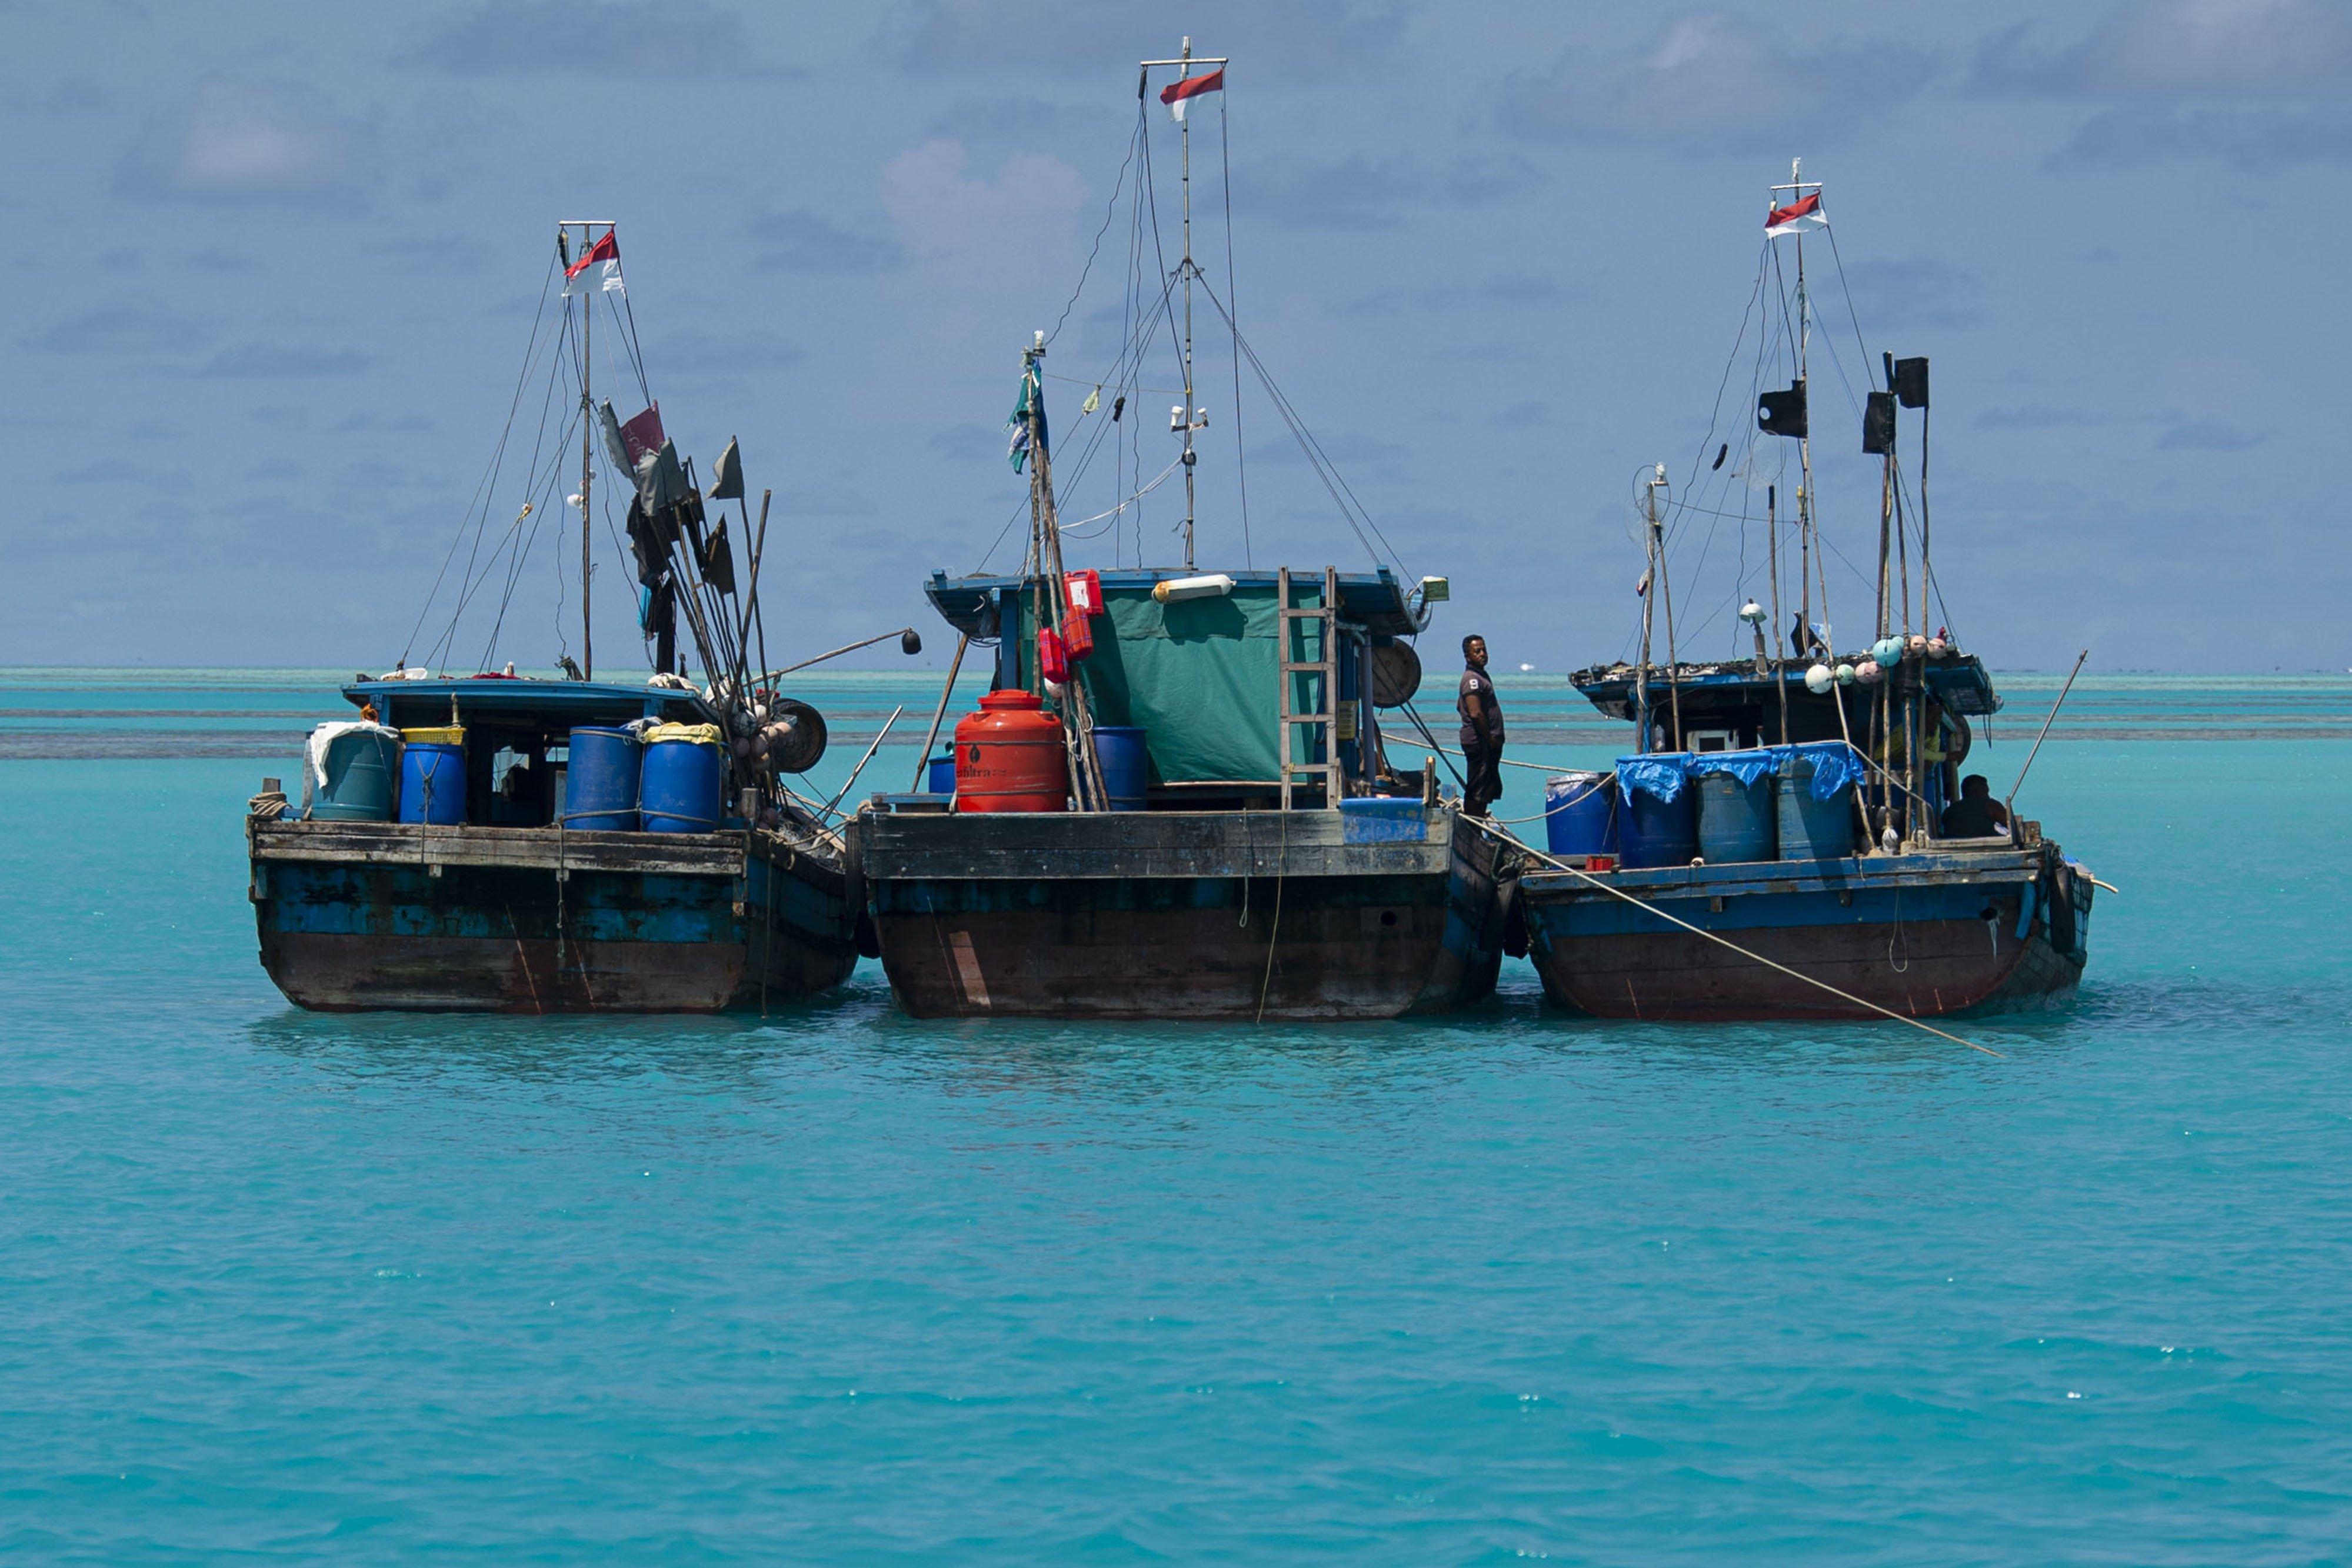 Nelayan bersiap bomngkar muatan di kapalnya di perairan Pulau Laut, Kabupaten Natuna, Kepulauan Riau.